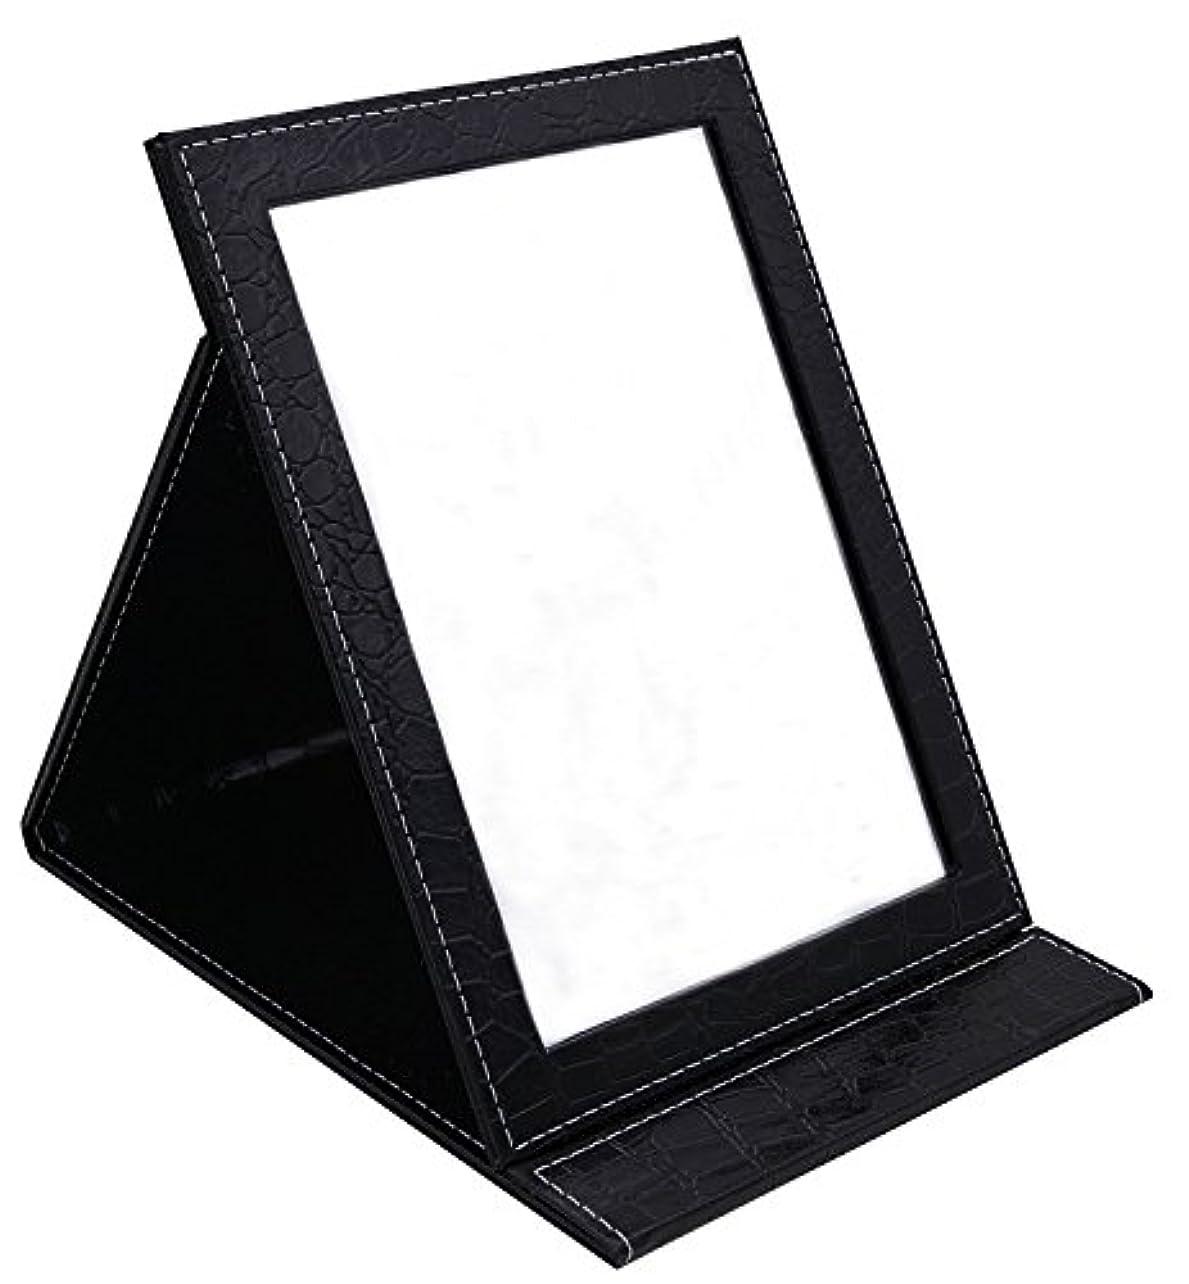 絶妙メンタリティ愛国的なHAPPY CY 化粧鏡 折りたたみ式鏡 スタンドミラー 卓上スタンドミラー  携帯 鏡 クロコ柄 プレゼント  上質PUレザー使用